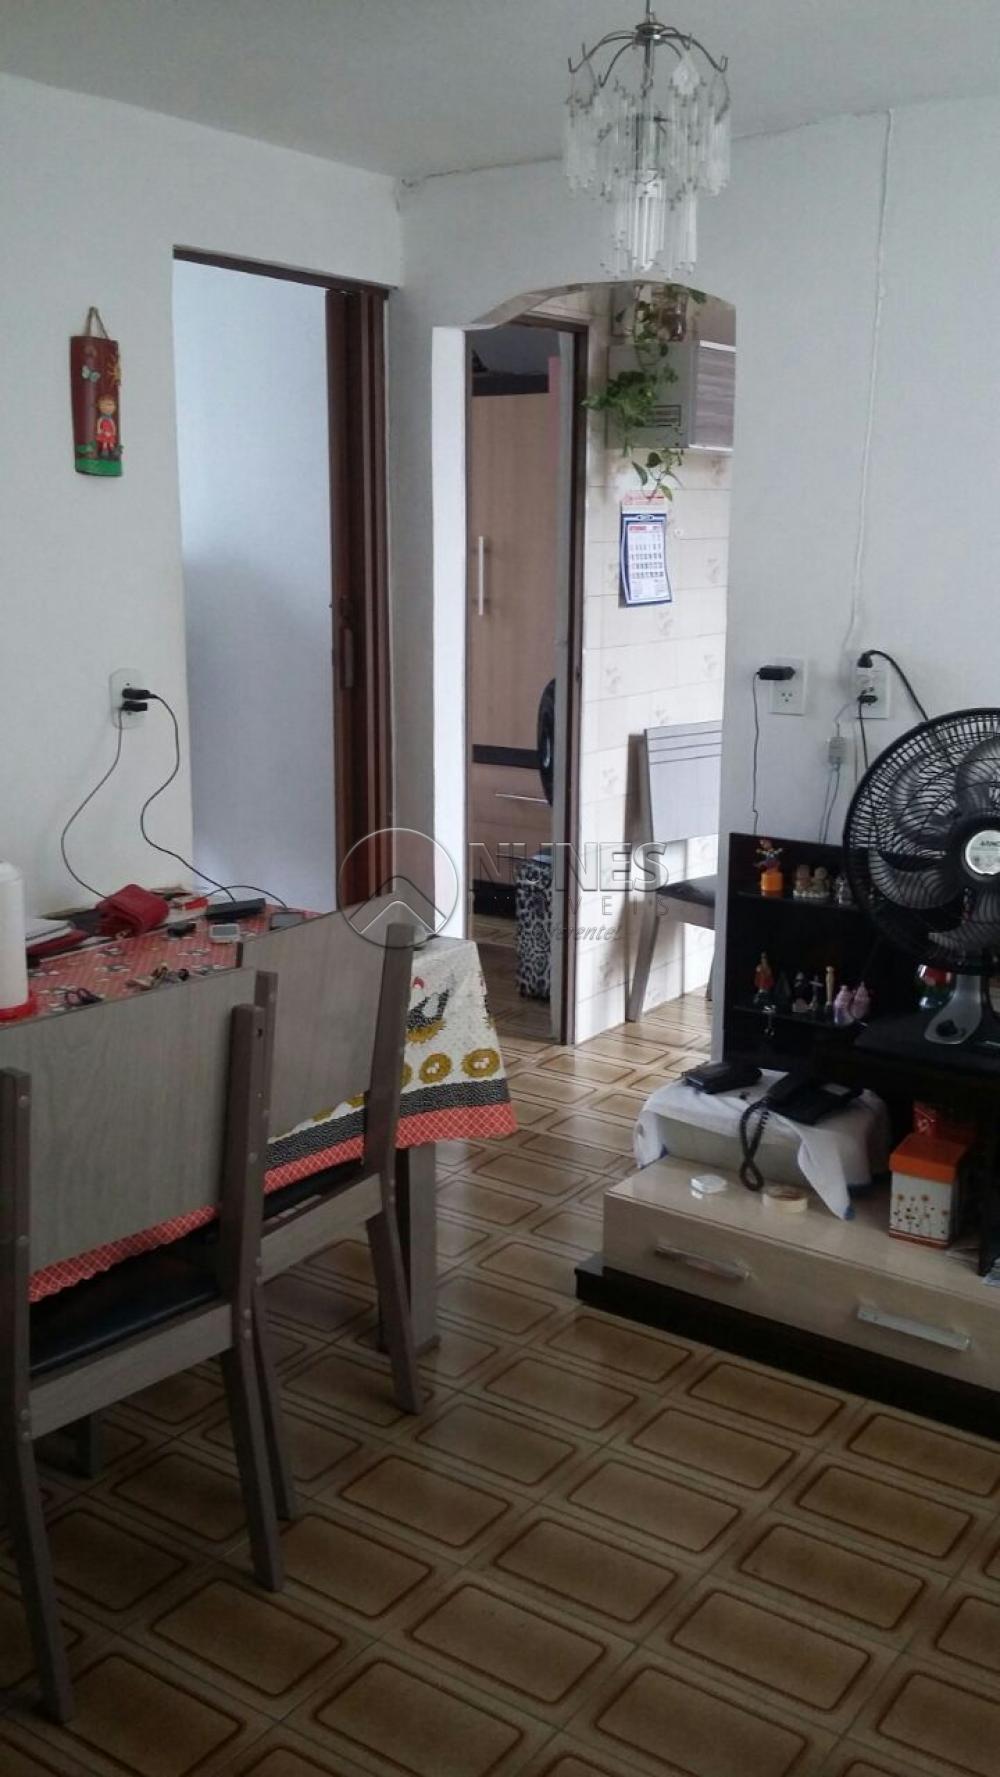 Comprar Apartamento / Padrão em Carapicuíba apenas R$ 150.000,00 - Foto 4